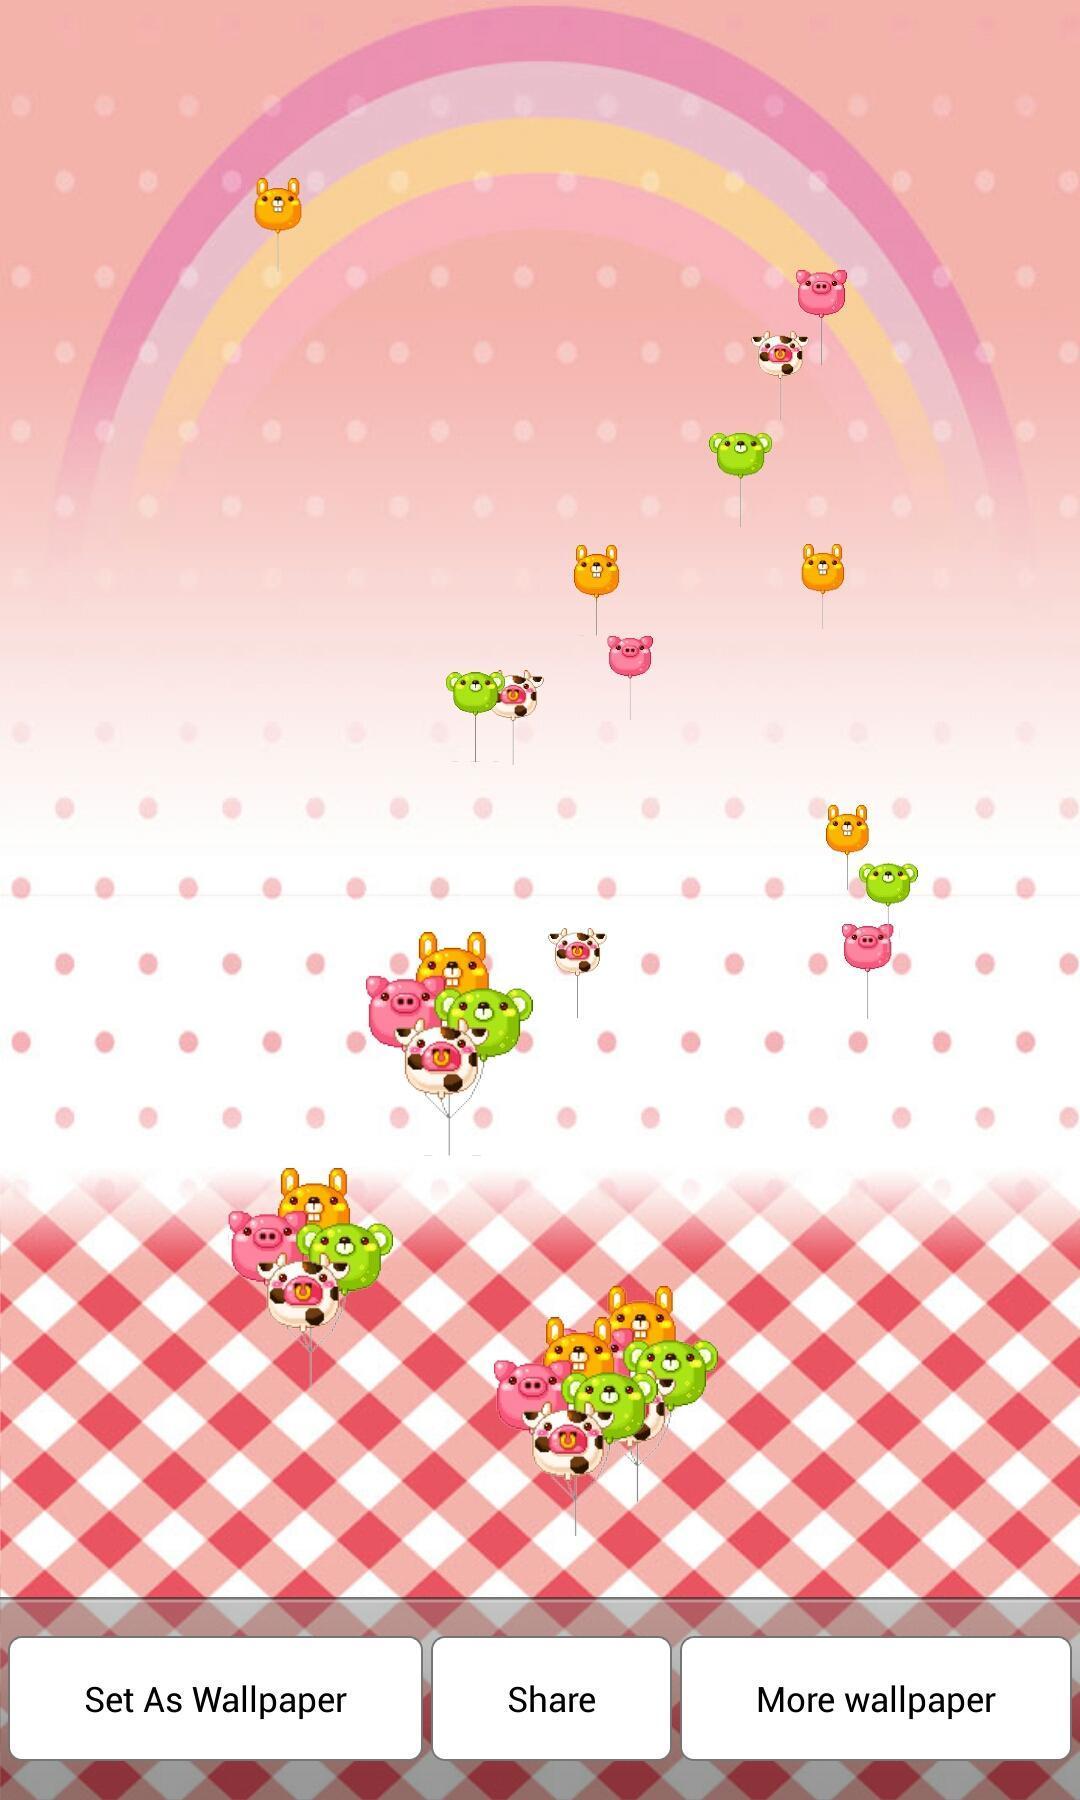 动物气球-梦象动态壁纸免费下载-手机动物气球-梦象